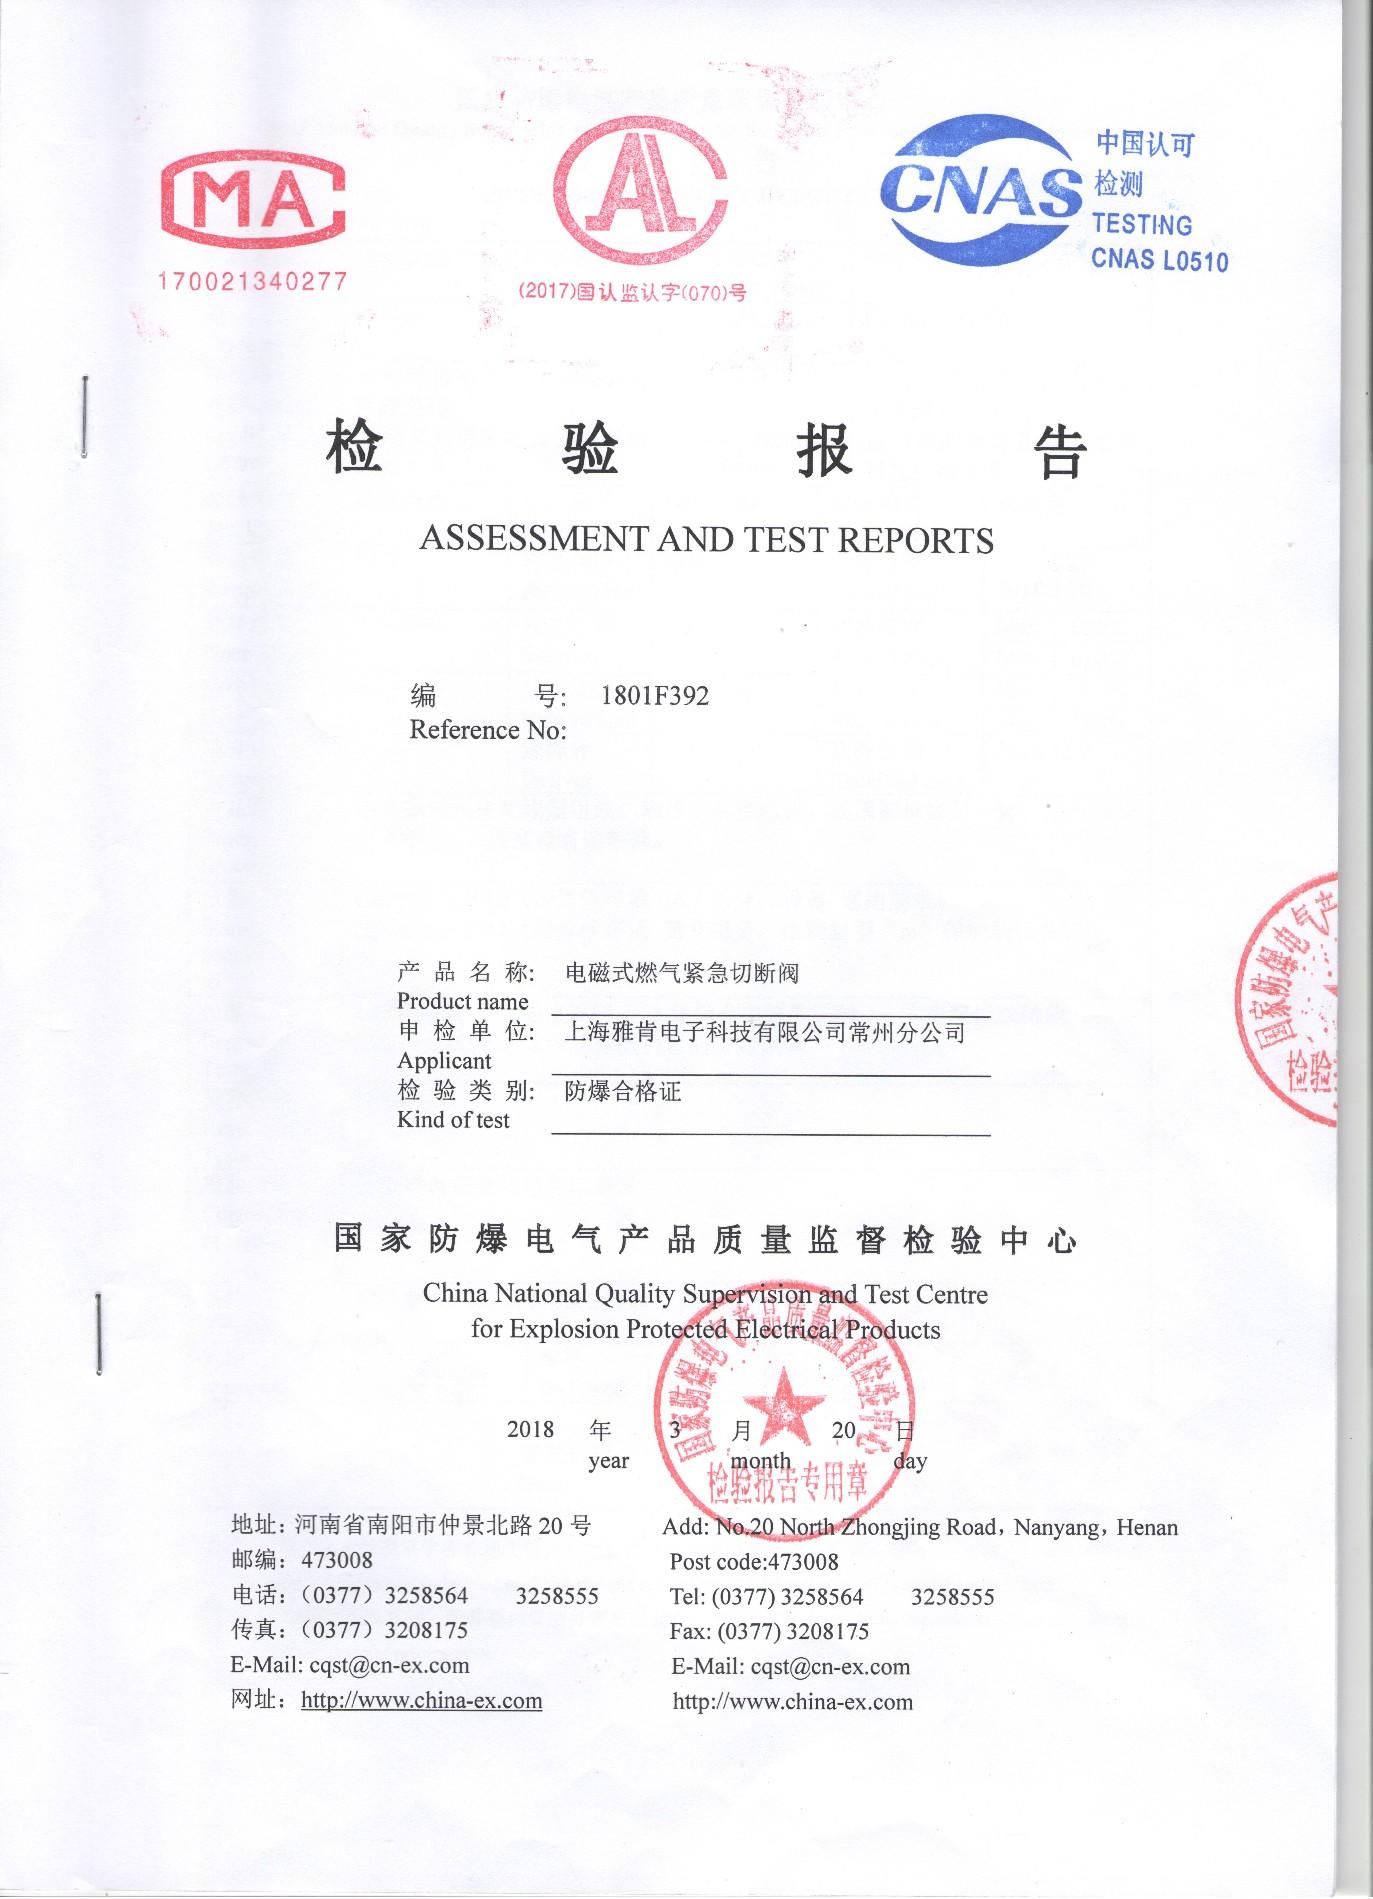 방폭 제품 평가 및 테스트 보고서